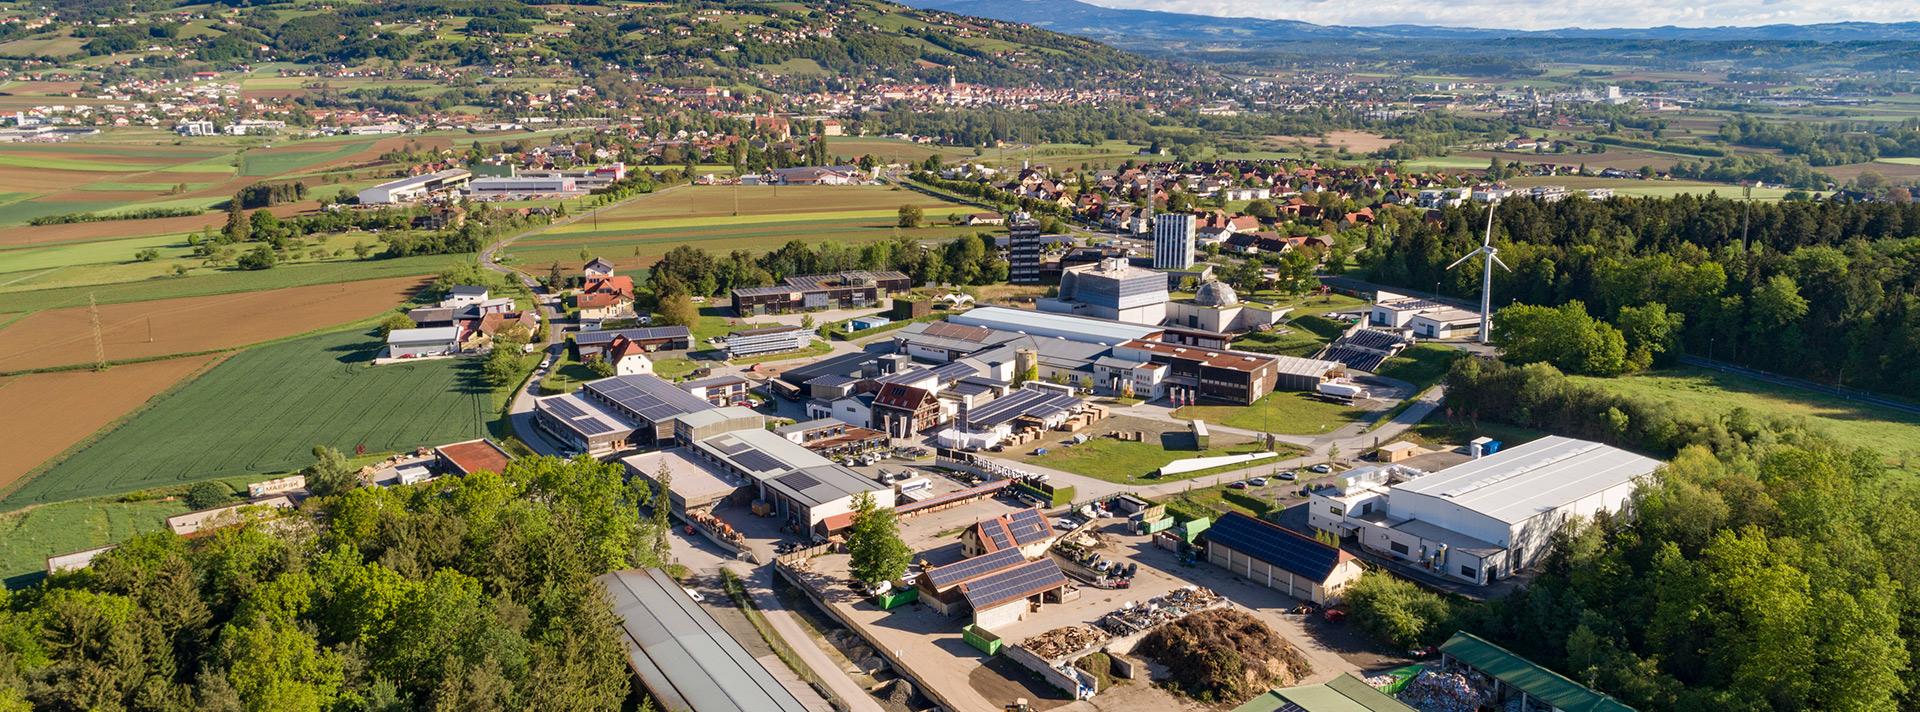 Luftbild vom Ökopark Hartberg mit Blick Ringwarte